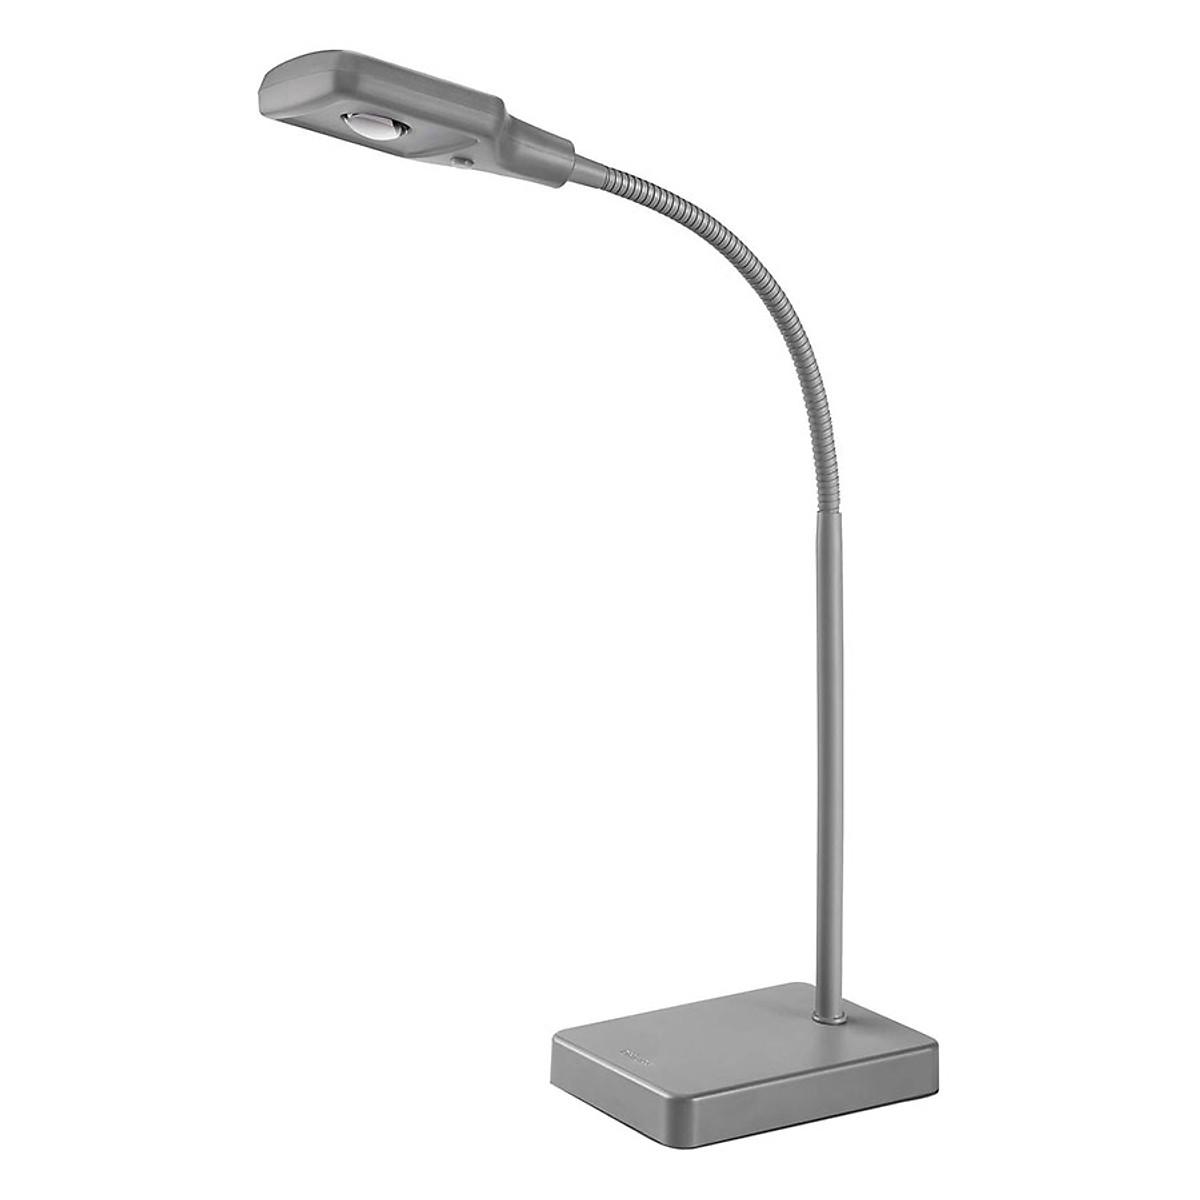 Đèn Bàn Philips LED PACKET 71566 2.5W 13